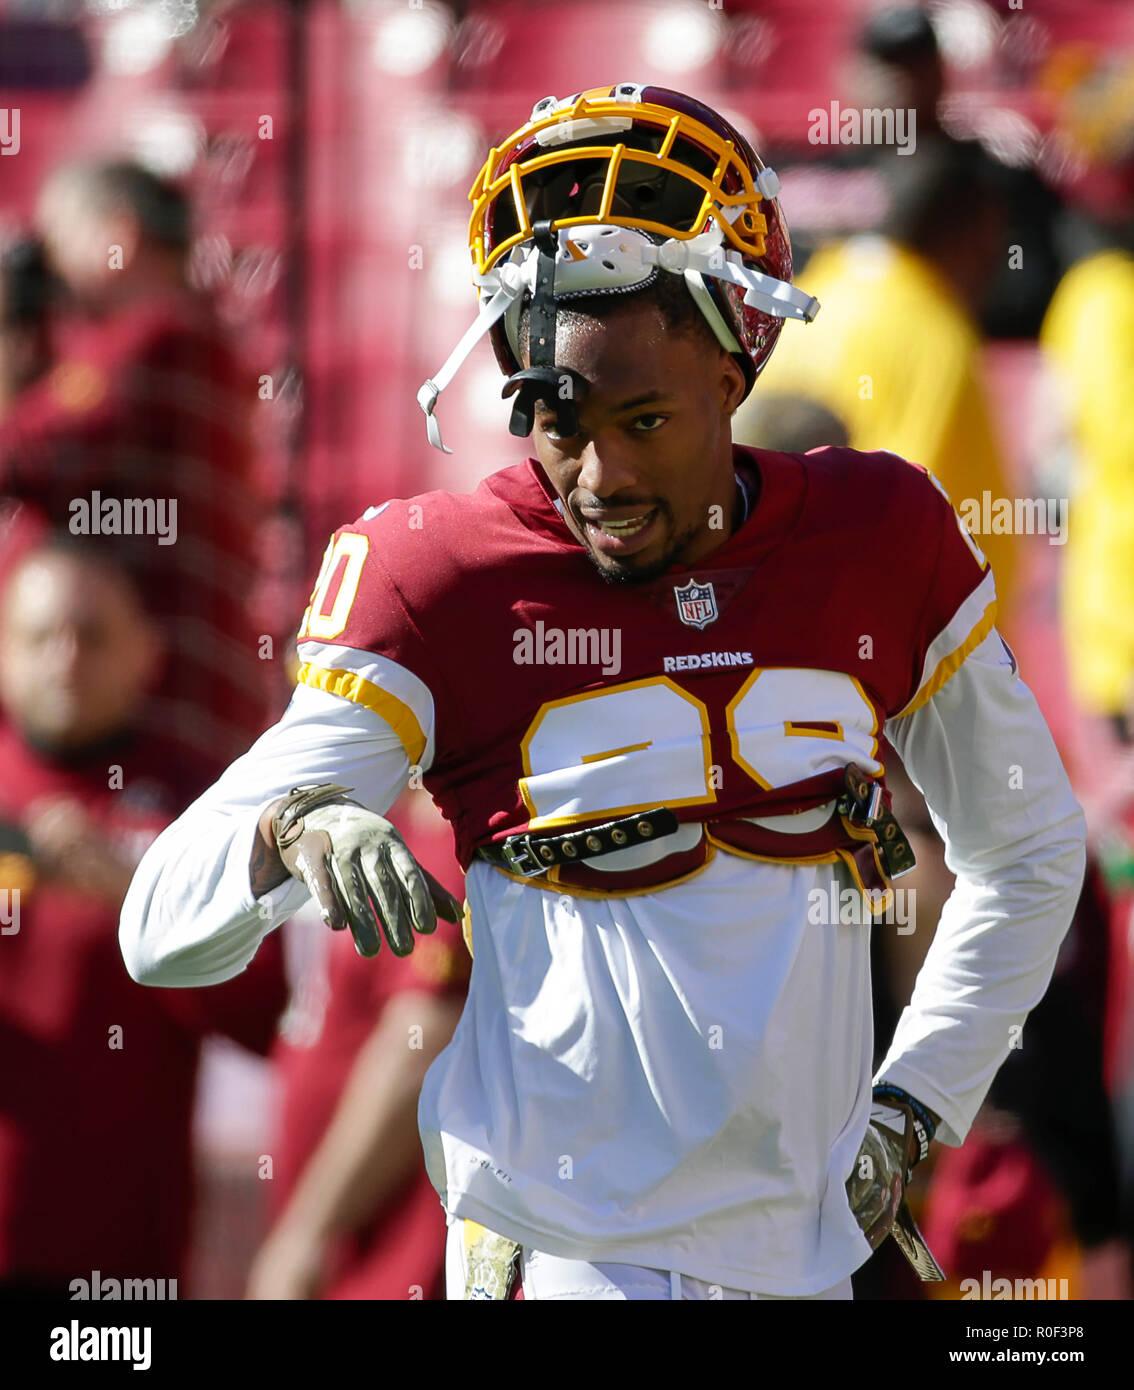 online retailer 5a24e ce94e Landover, MD, USA. 4th Nov, 2018. Washington Redskins S #20 ...